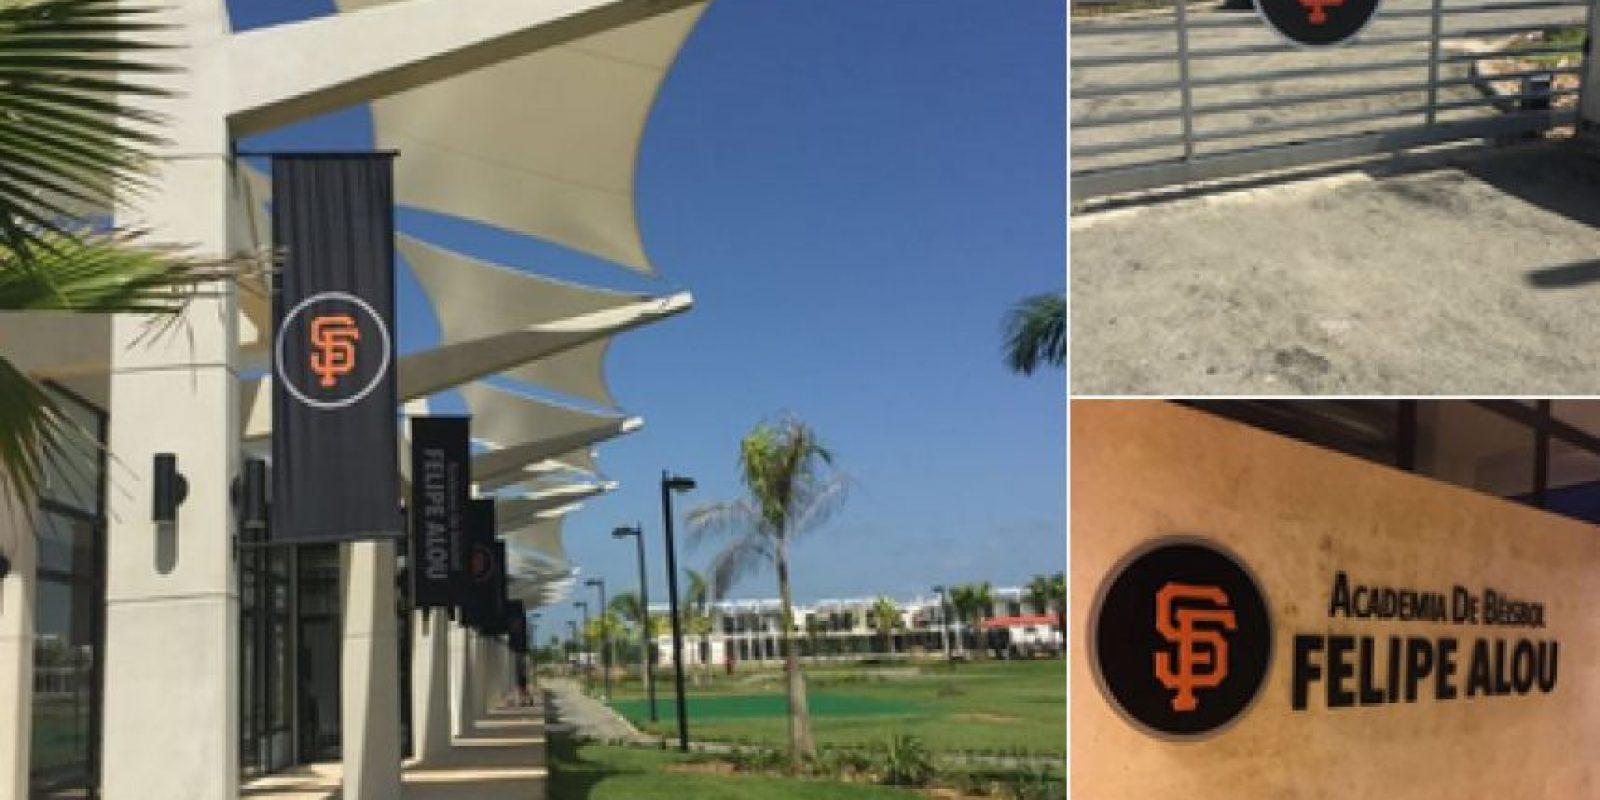 Academia de los Gigantes de San Francisco en Boca Chica Foto:Fuente Externa